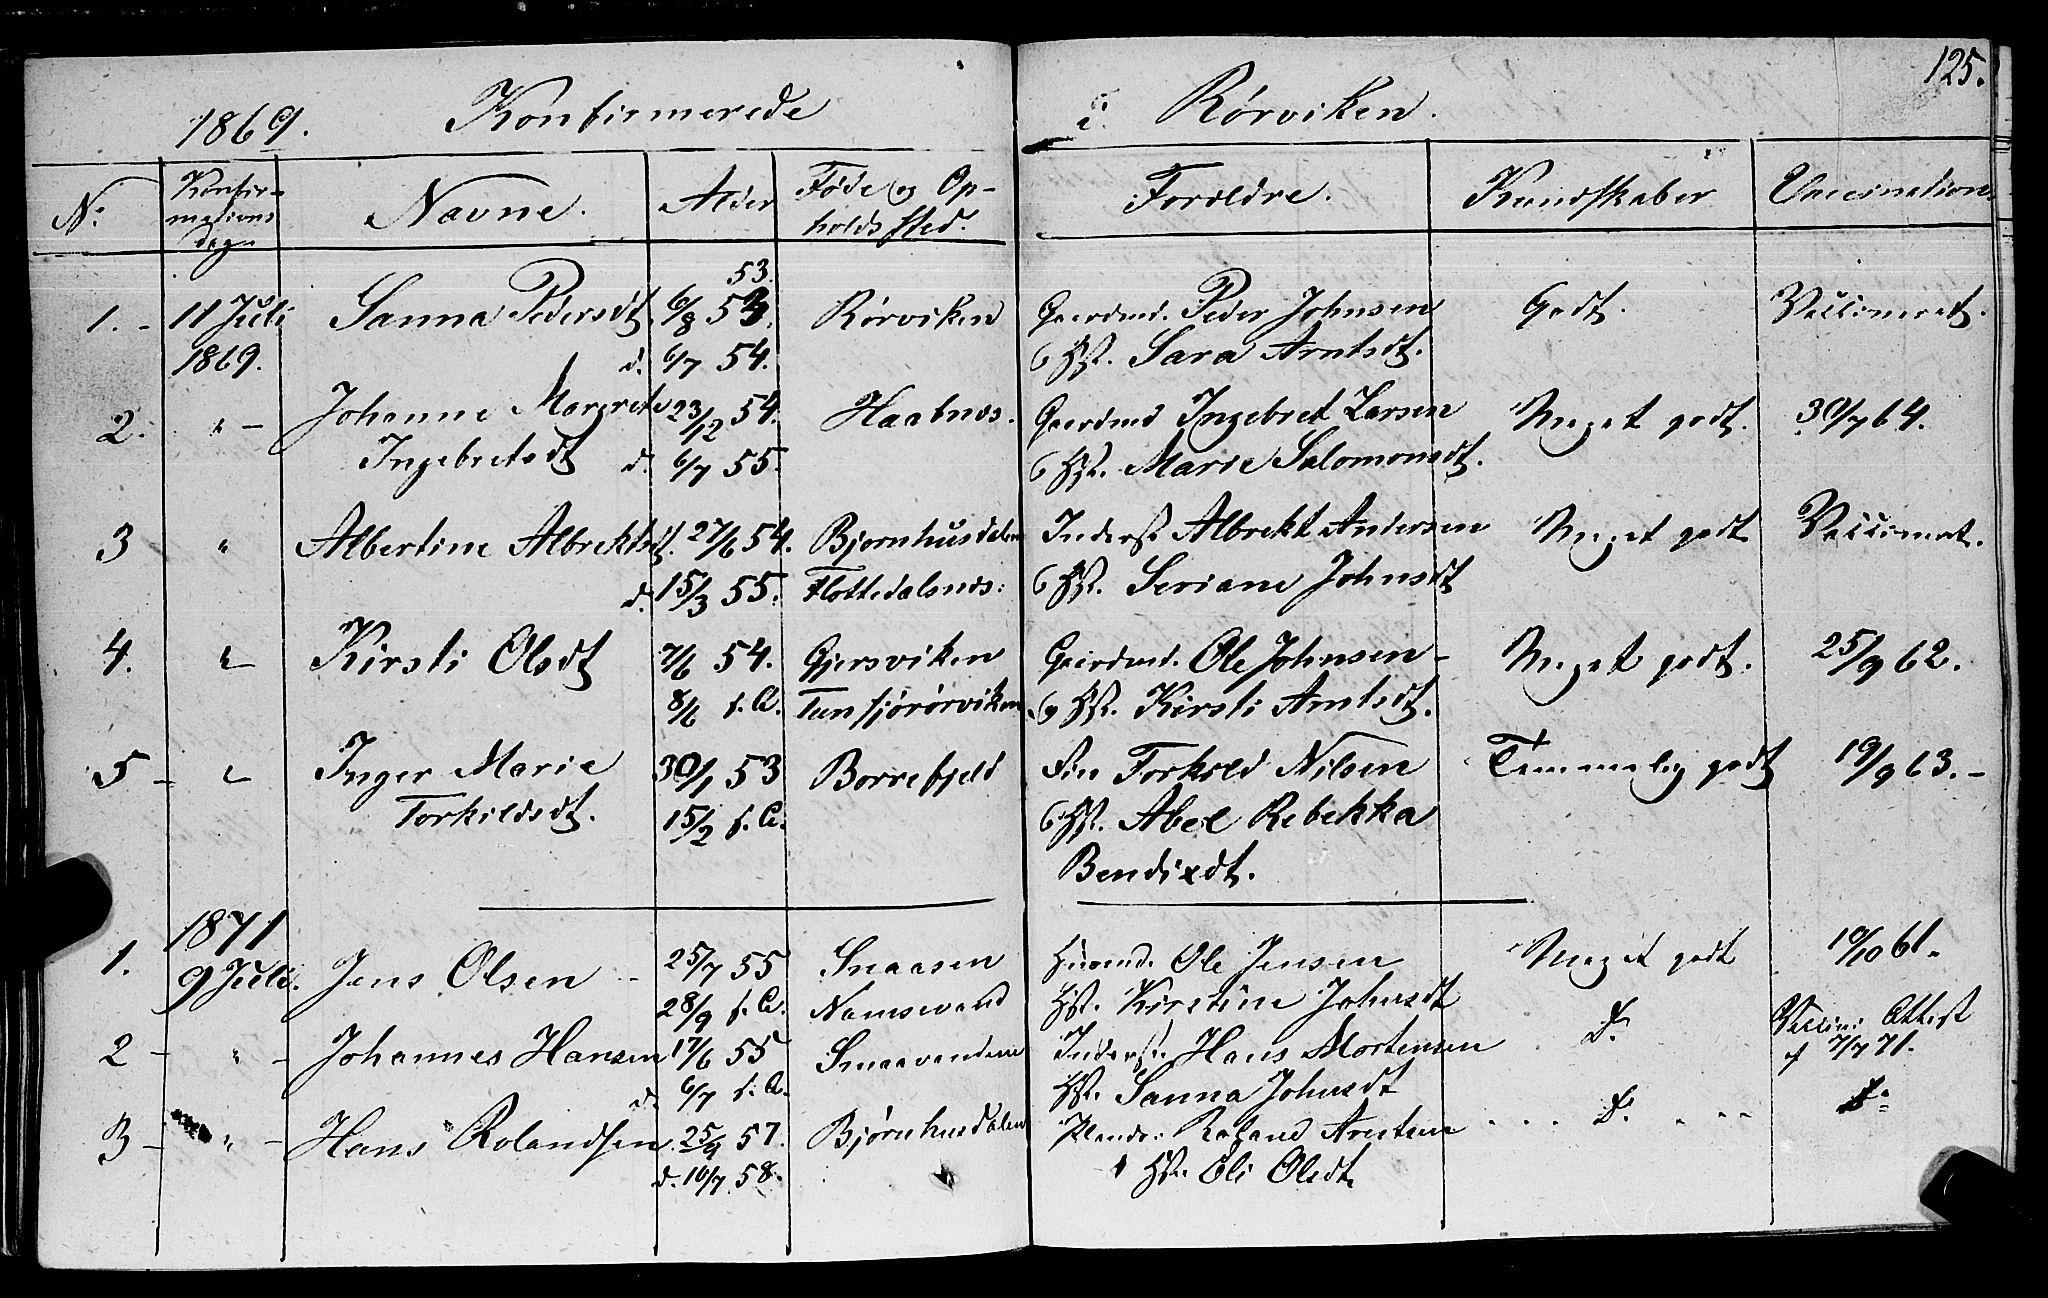 SAT, Ministerialprotokoller, klokkerbøker og fødselsregistre - Nord-Trøndelag, 762/L0538: Ministerialbok nr. 762A02 /1, 1833-1879, s. 125